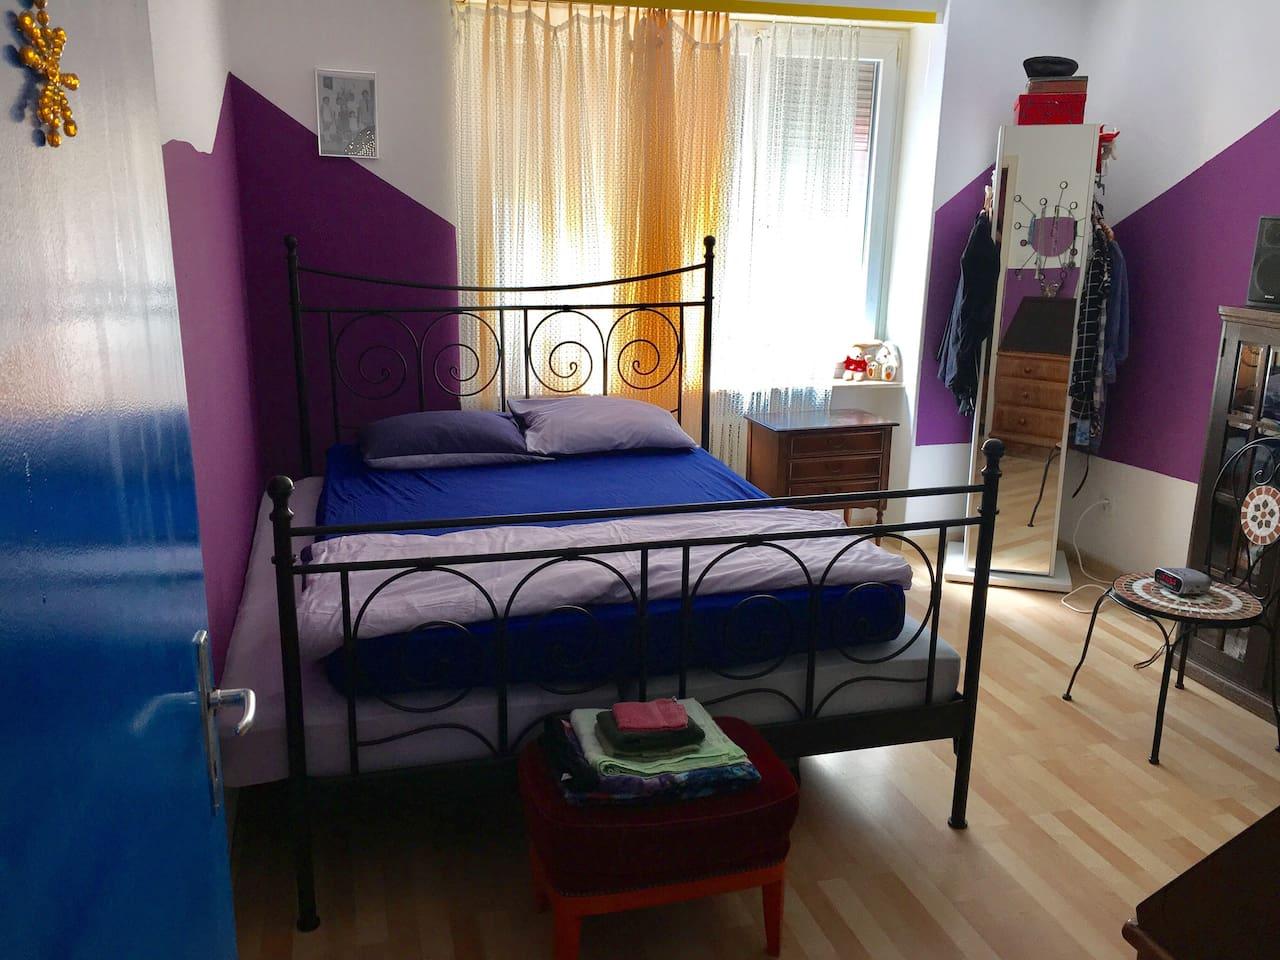 Schlafzimmer, Doppelbett.